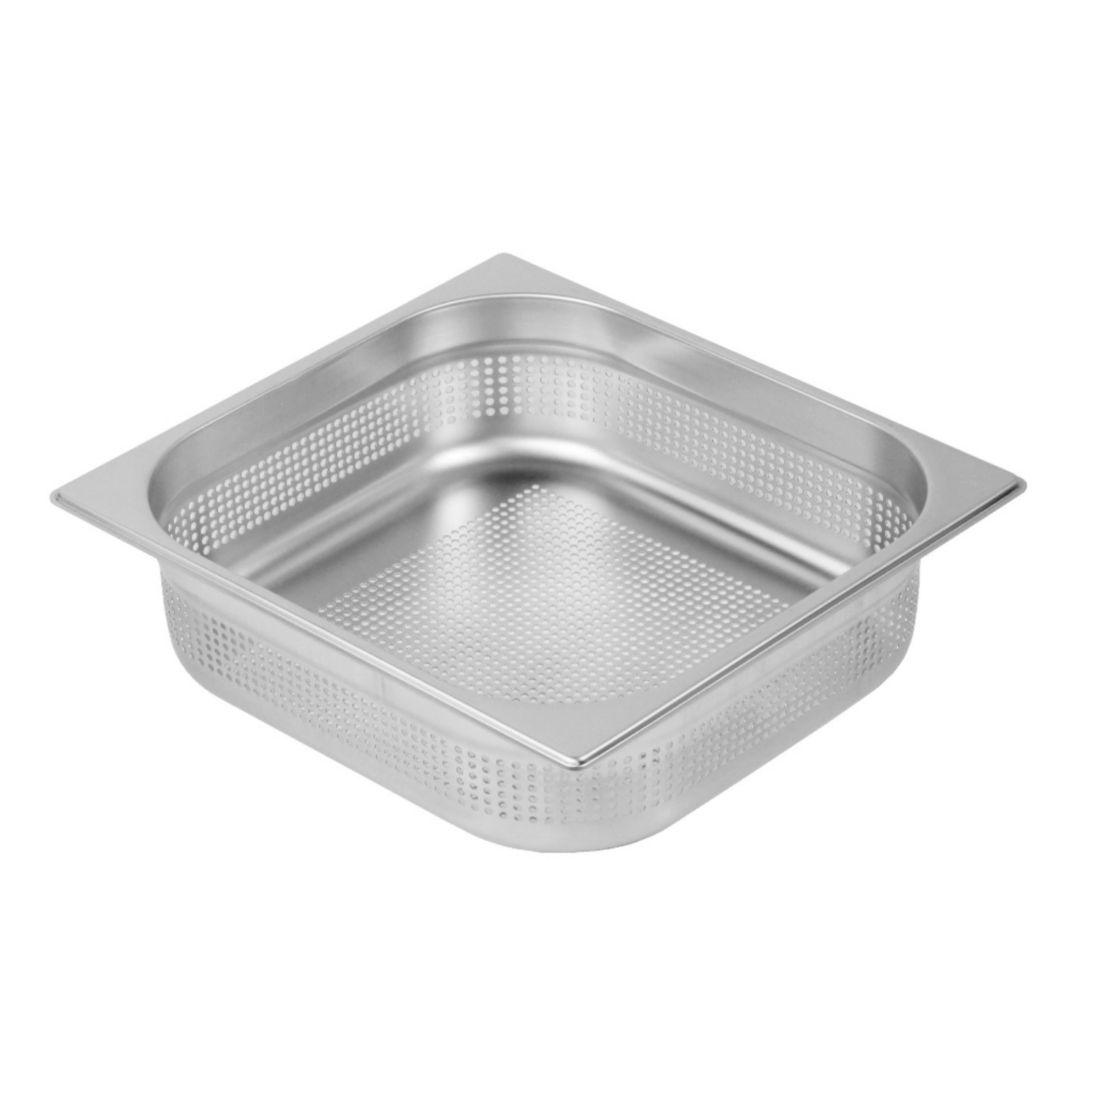 Gastronádoba Profi děrovaná s úchyty GN 2/3 150 mm